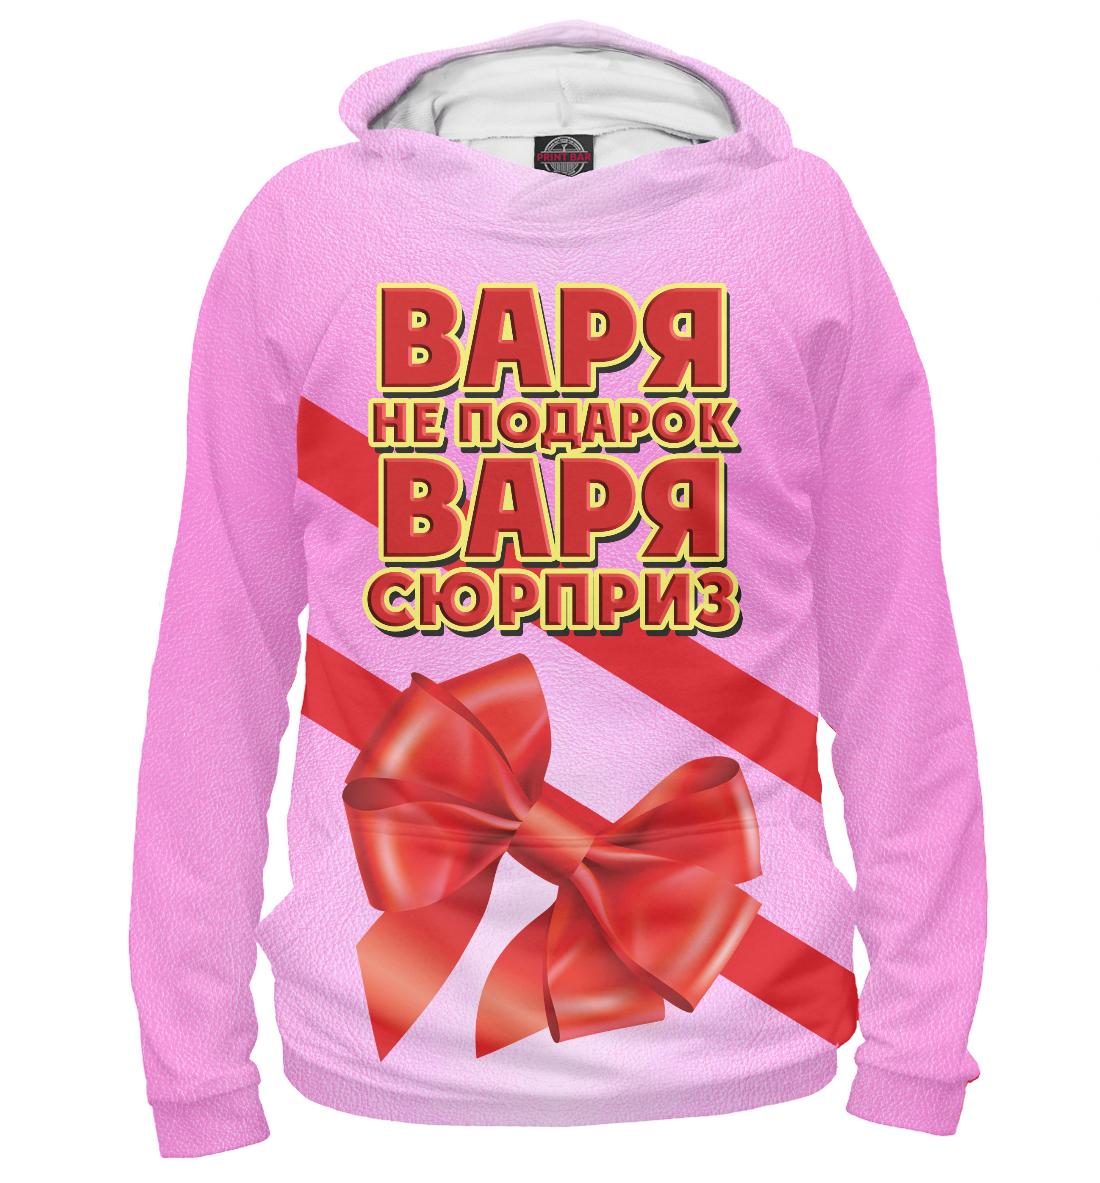 Купить Варя не подарок, Printbar, Худи, IMR-405383-hud-2